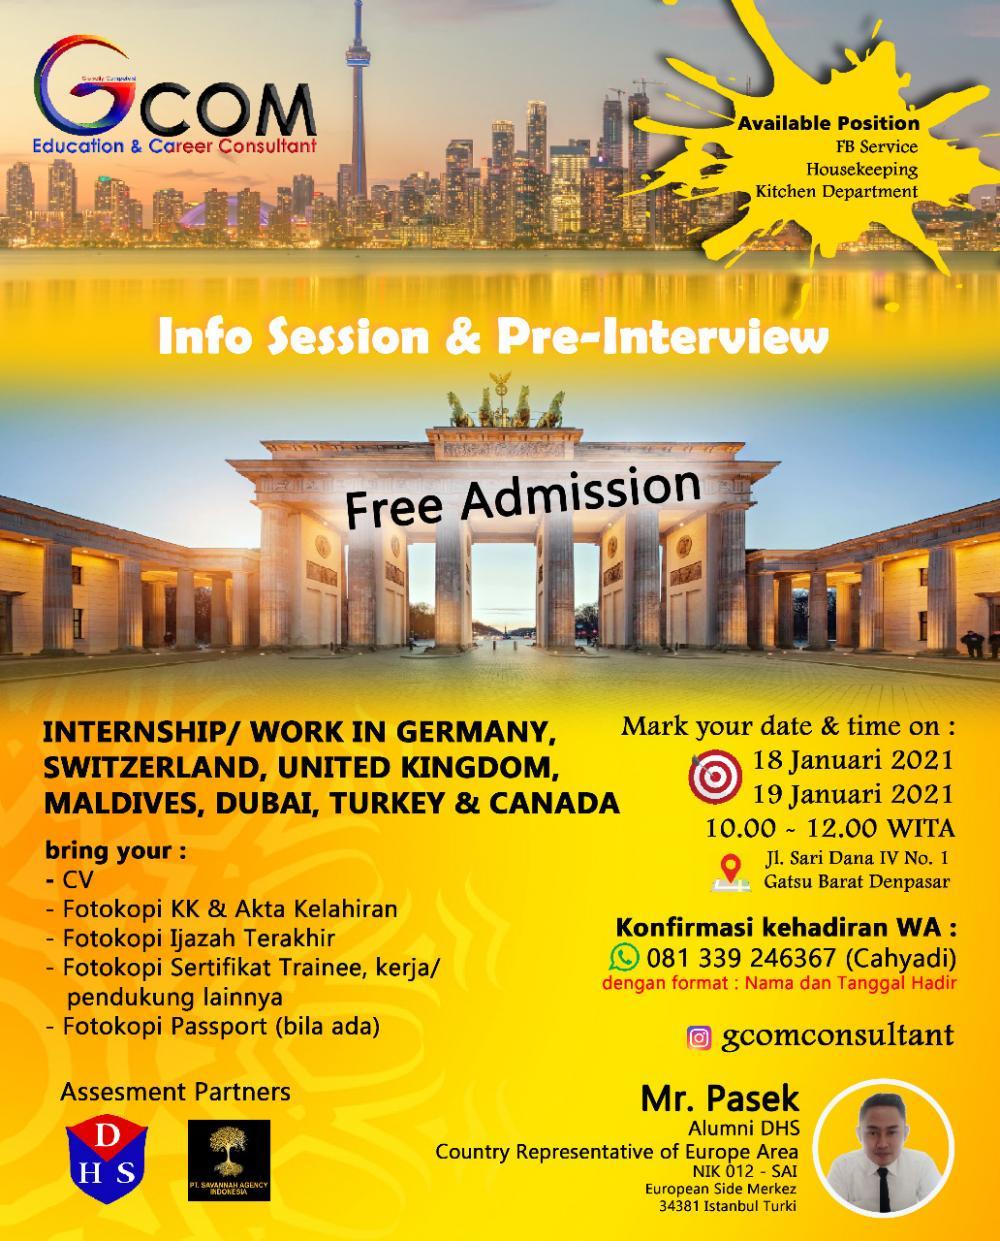 Sponsorship - Gcom Internship Program di Eropa and Kanada